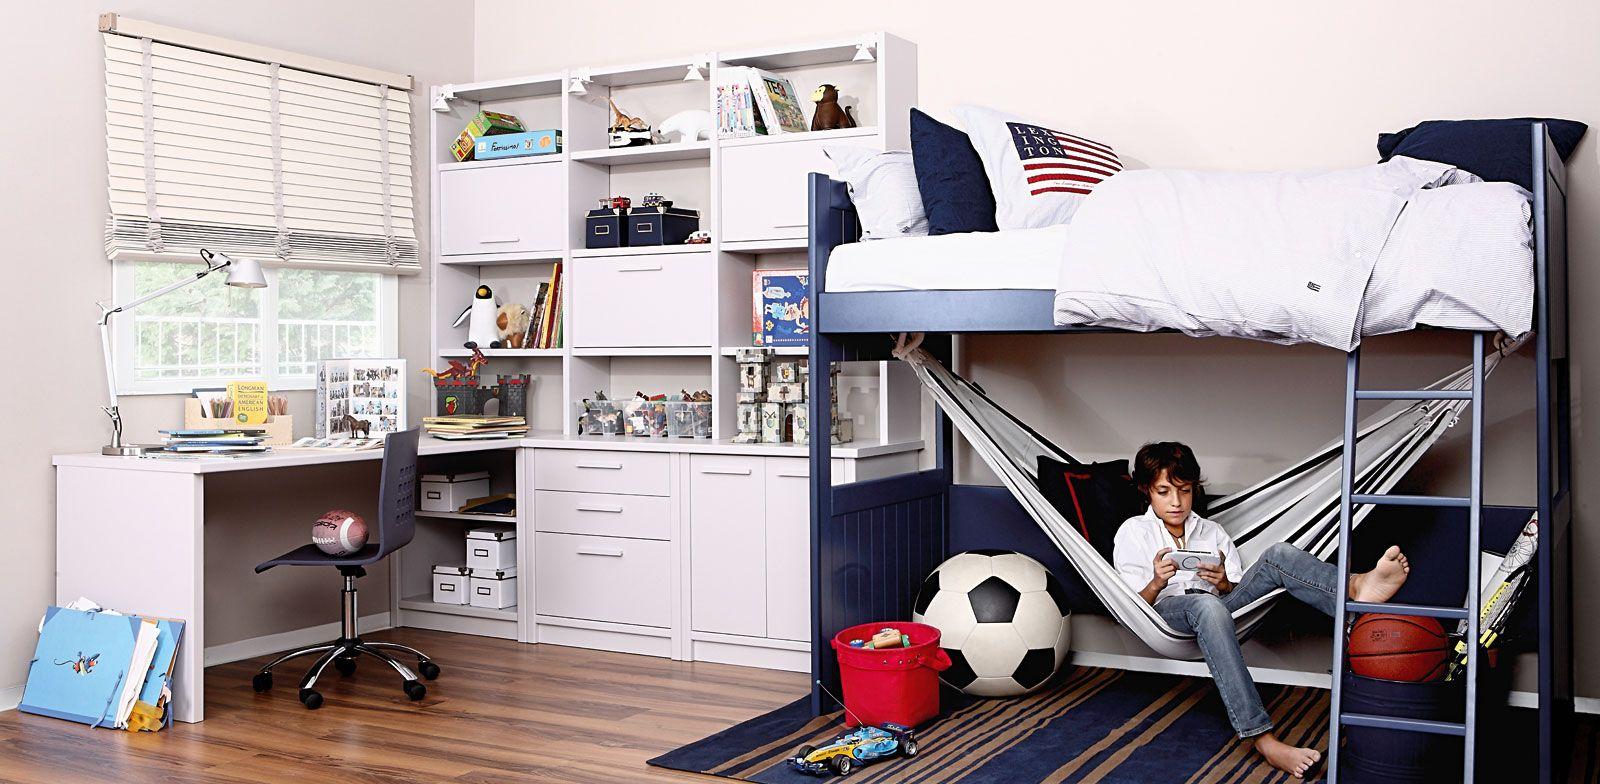 Cuarto decorado moderno habitaciones para ni os for Color del dormitorio de los padres